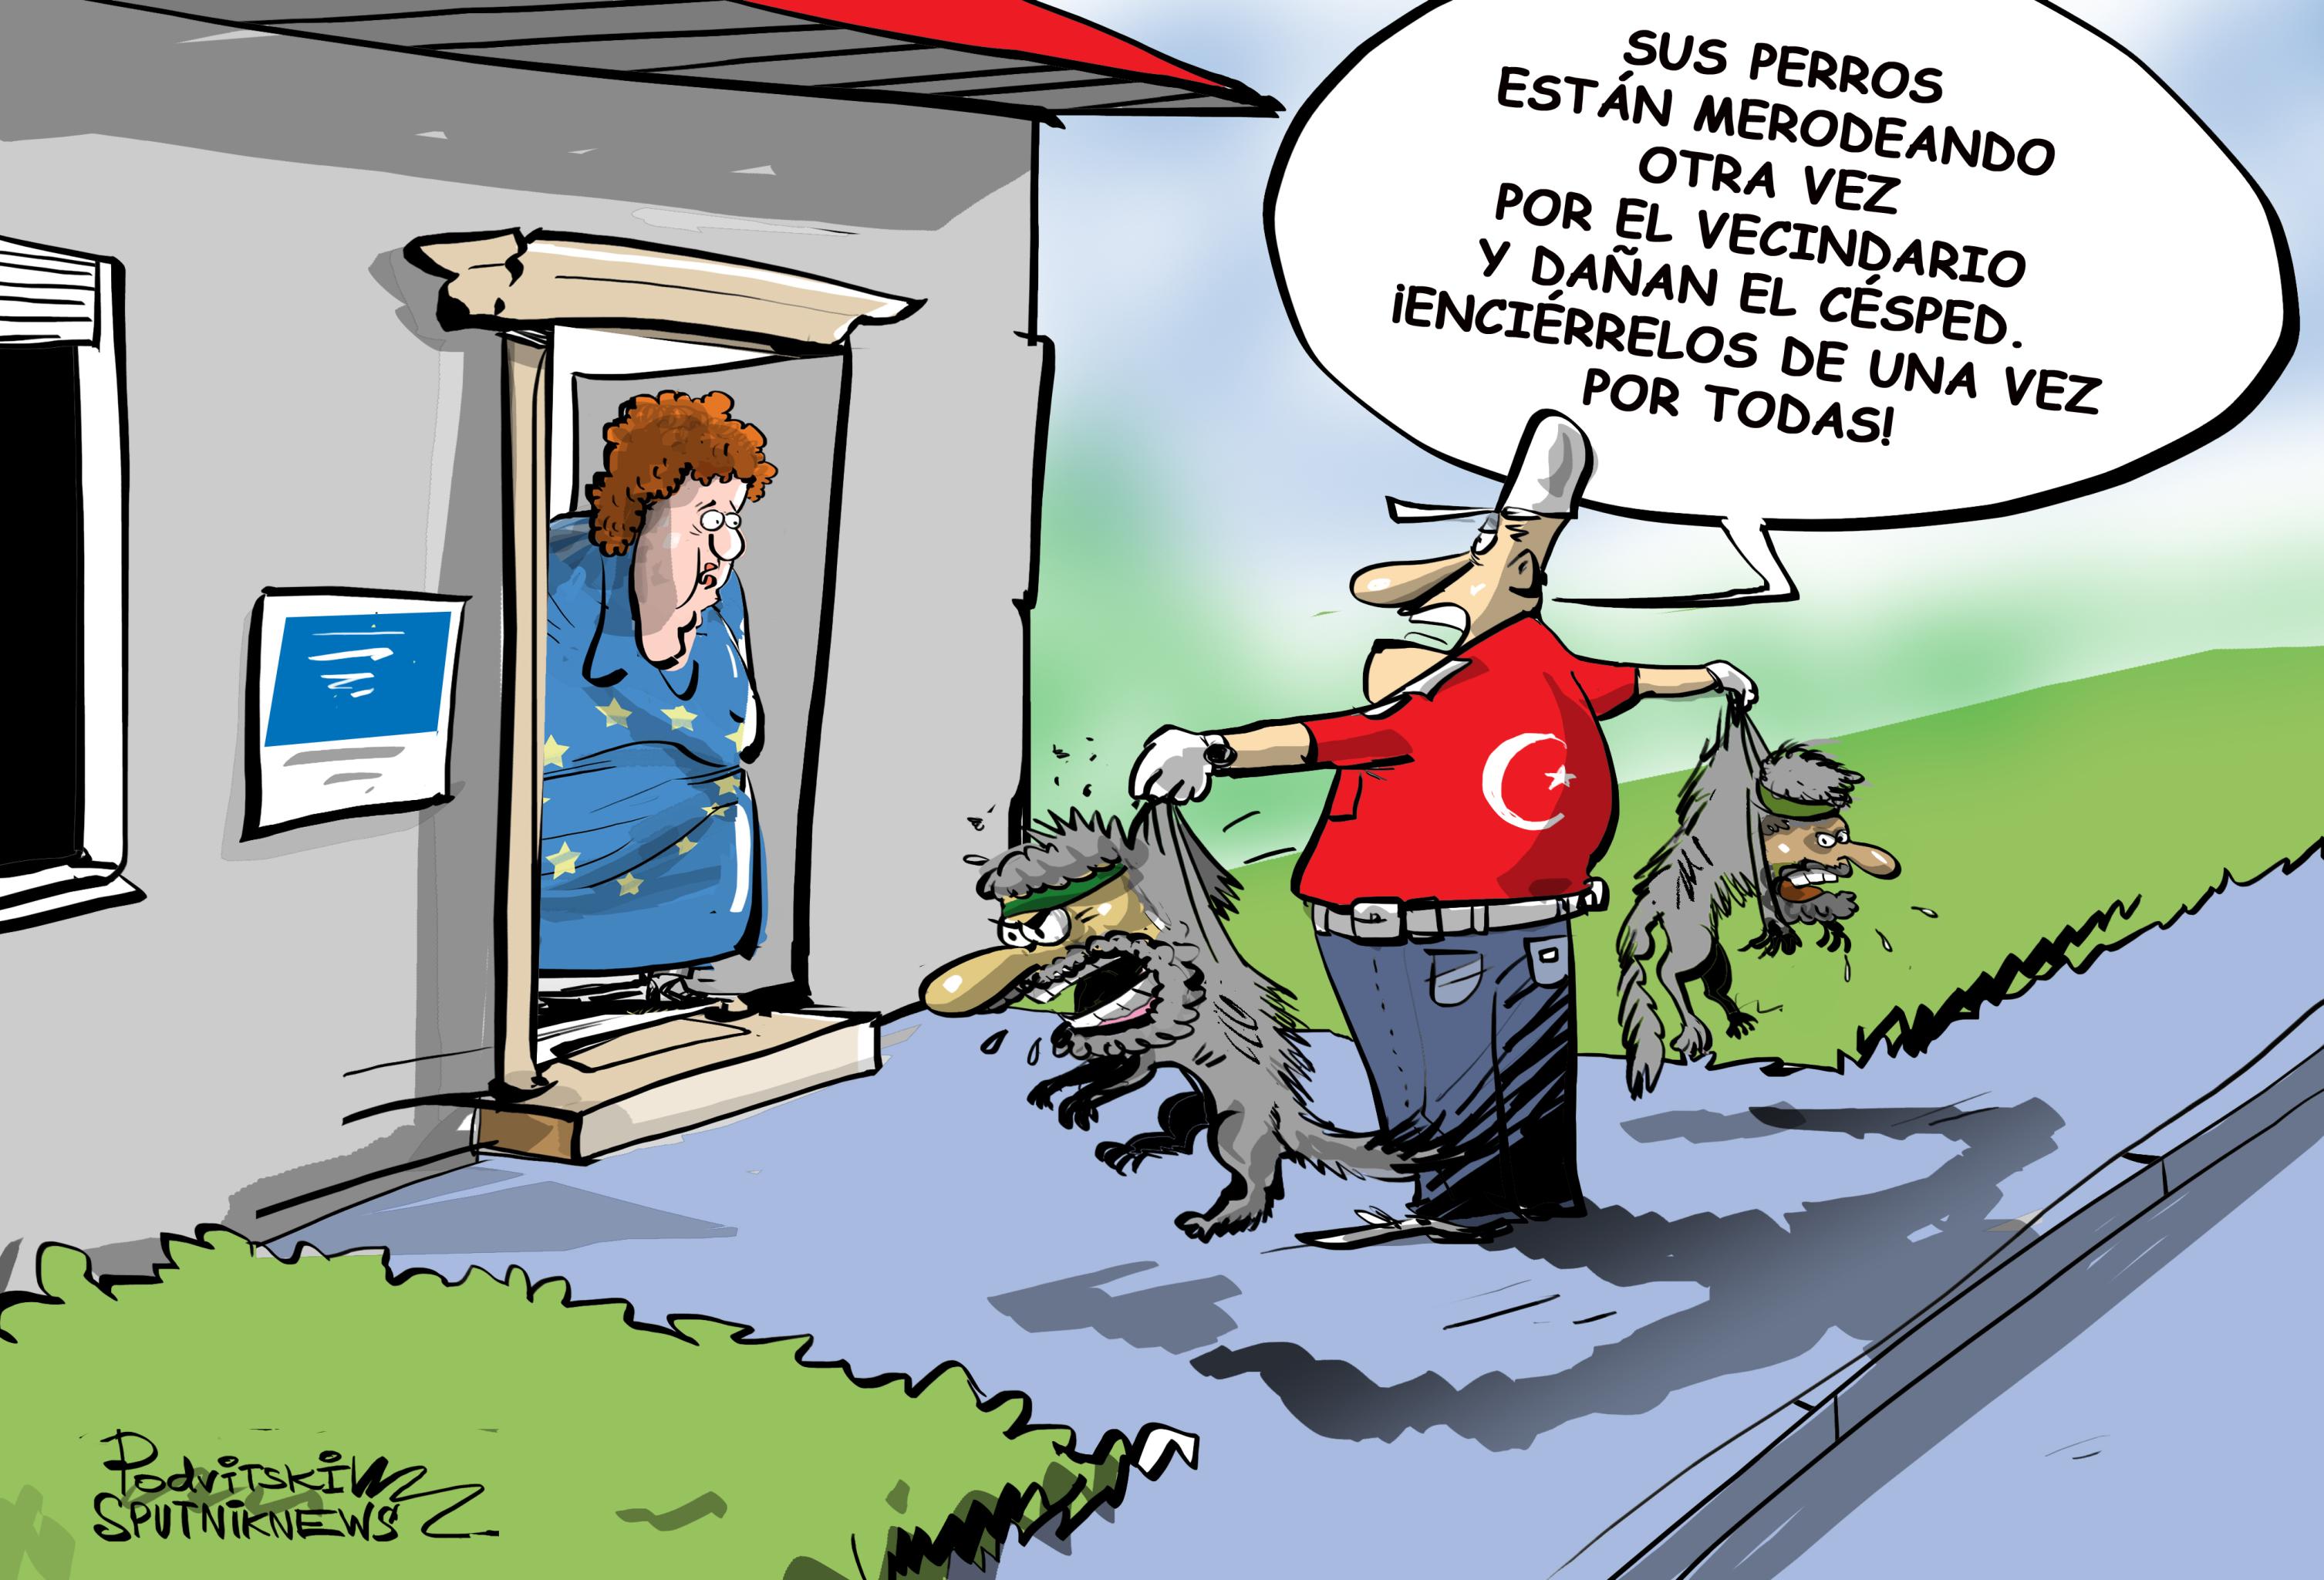 خذ الإرهابيين الخاص بك!  تركيا تريد إعادة جهاديي داعش إلى أوروبا